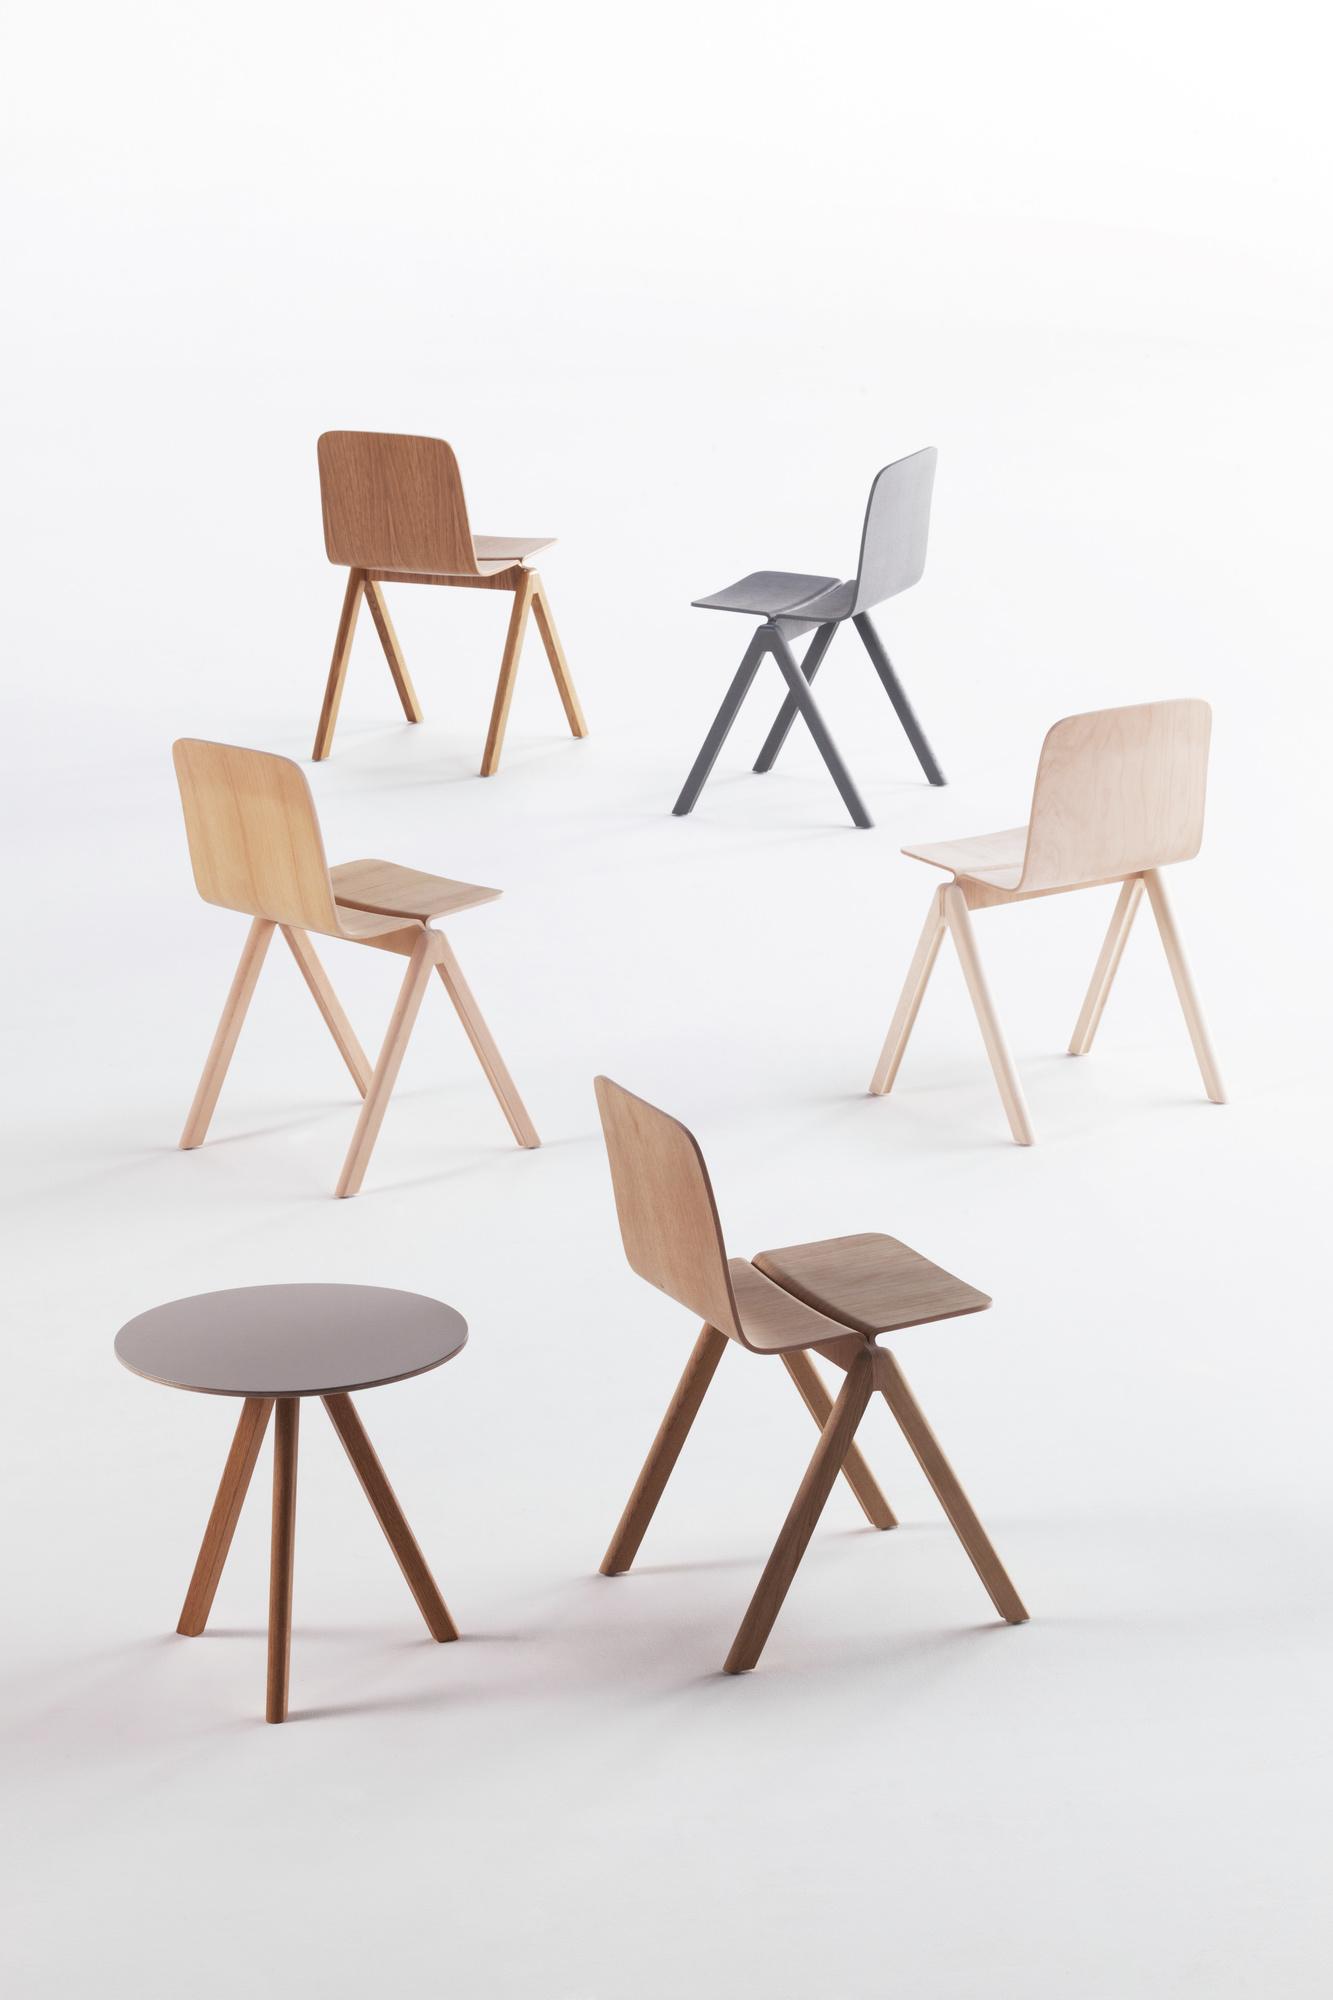 sillas y mesita hay muebles mallorca